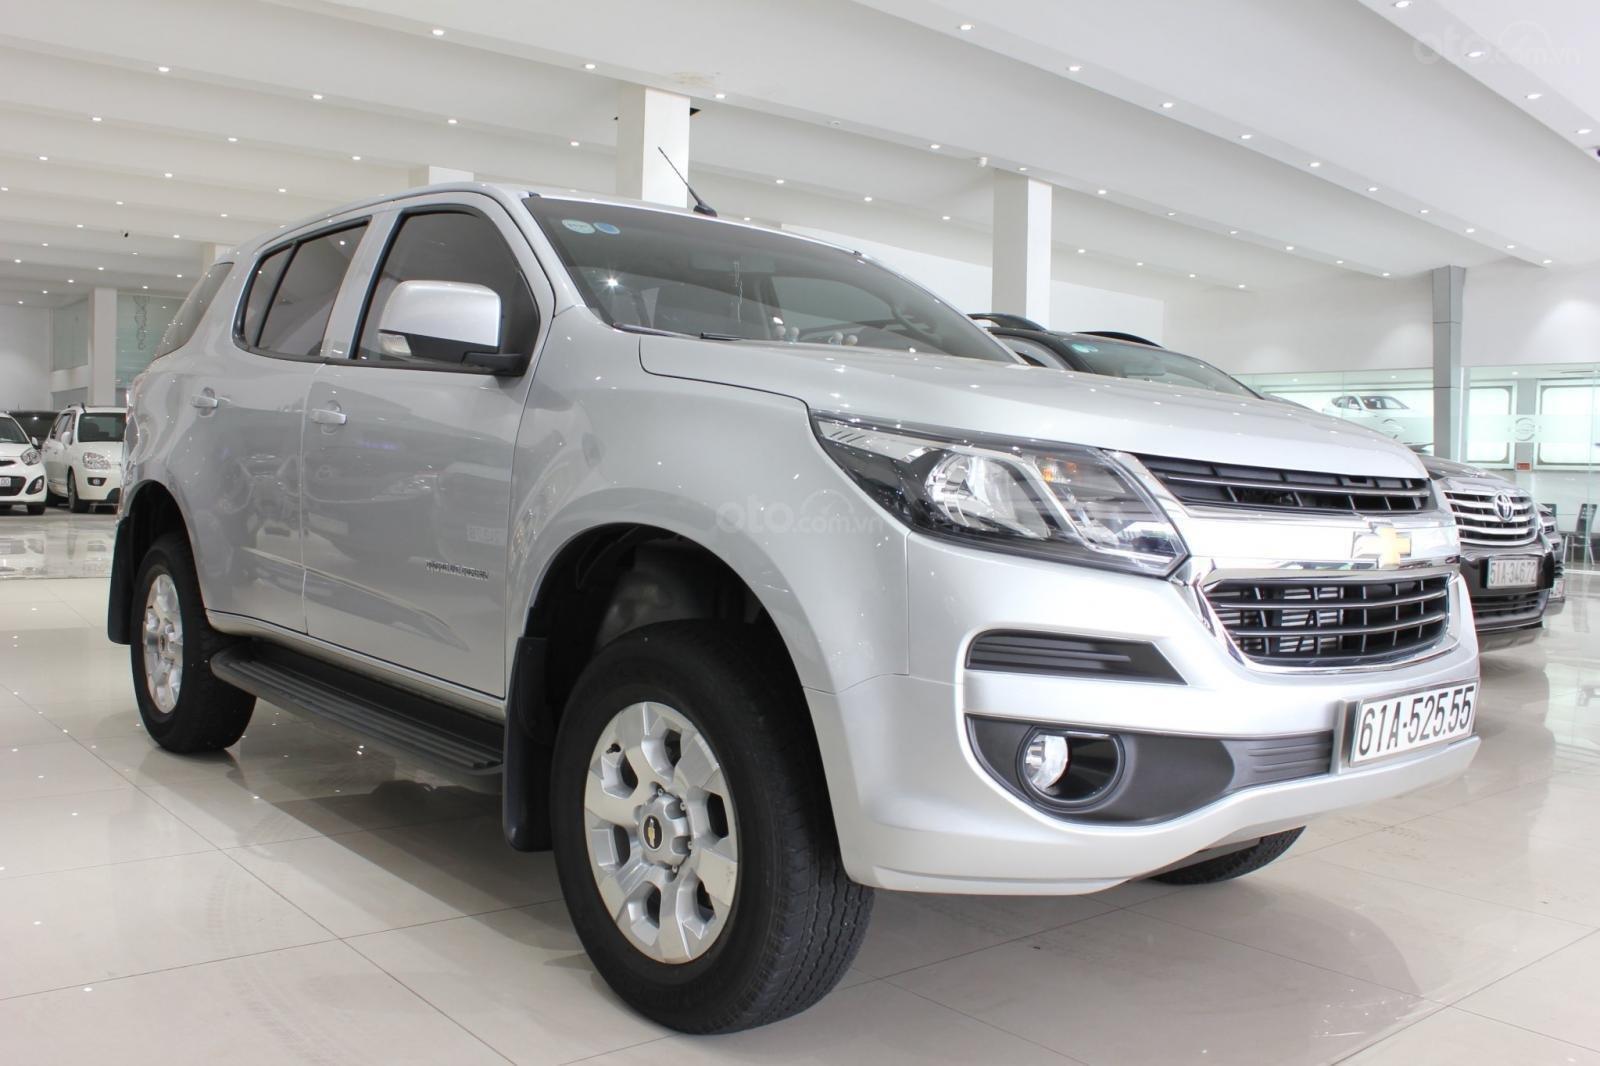 Cần bán xe Chevrolet TrailblazerLT 2.5AT 2018, máy dầu, xe nhập nguyên chiếc Thái Lan, giá thương lượng (5)